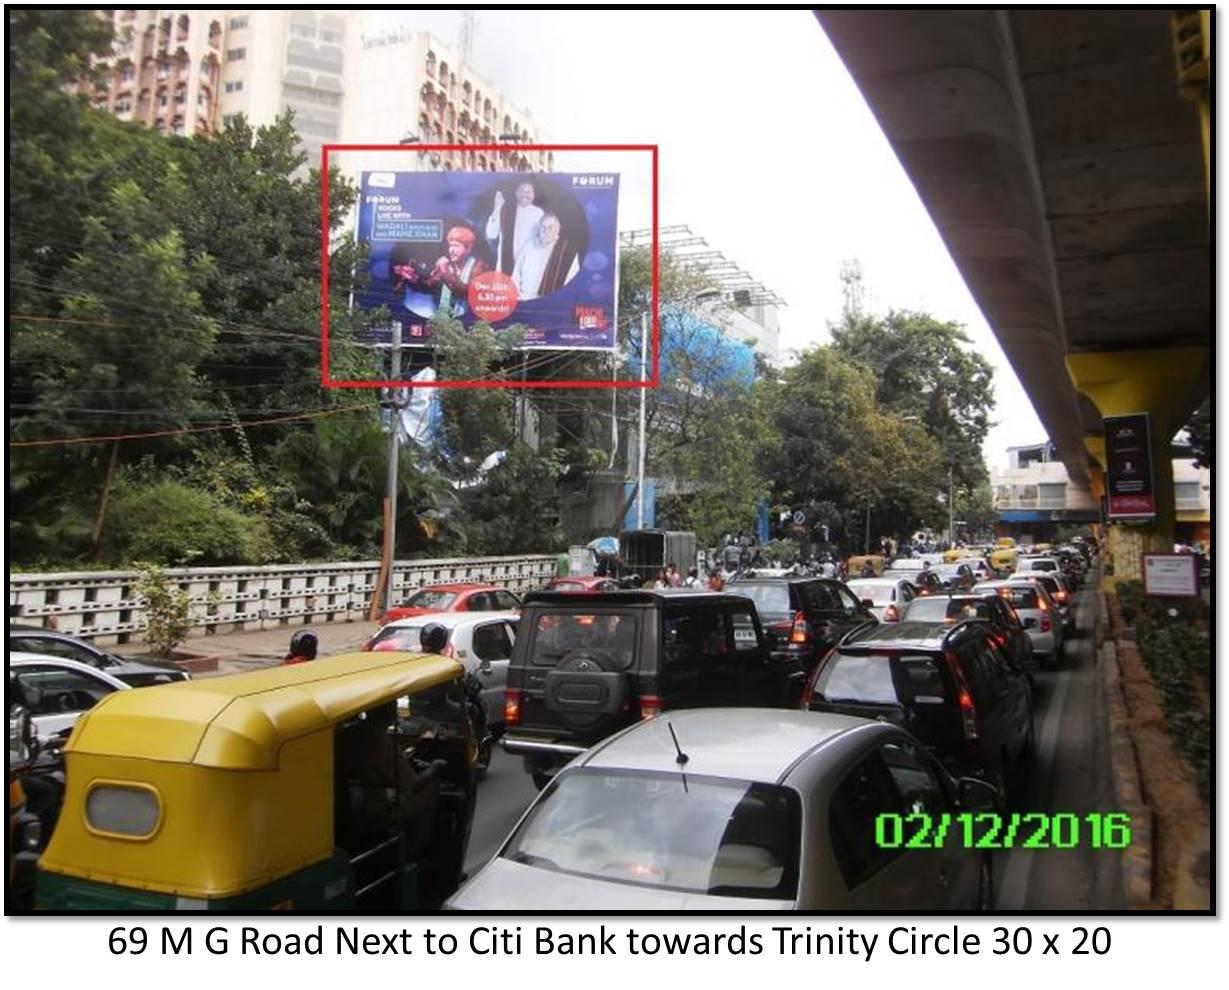 M G Road Next to Citi Bank, Bengaluru